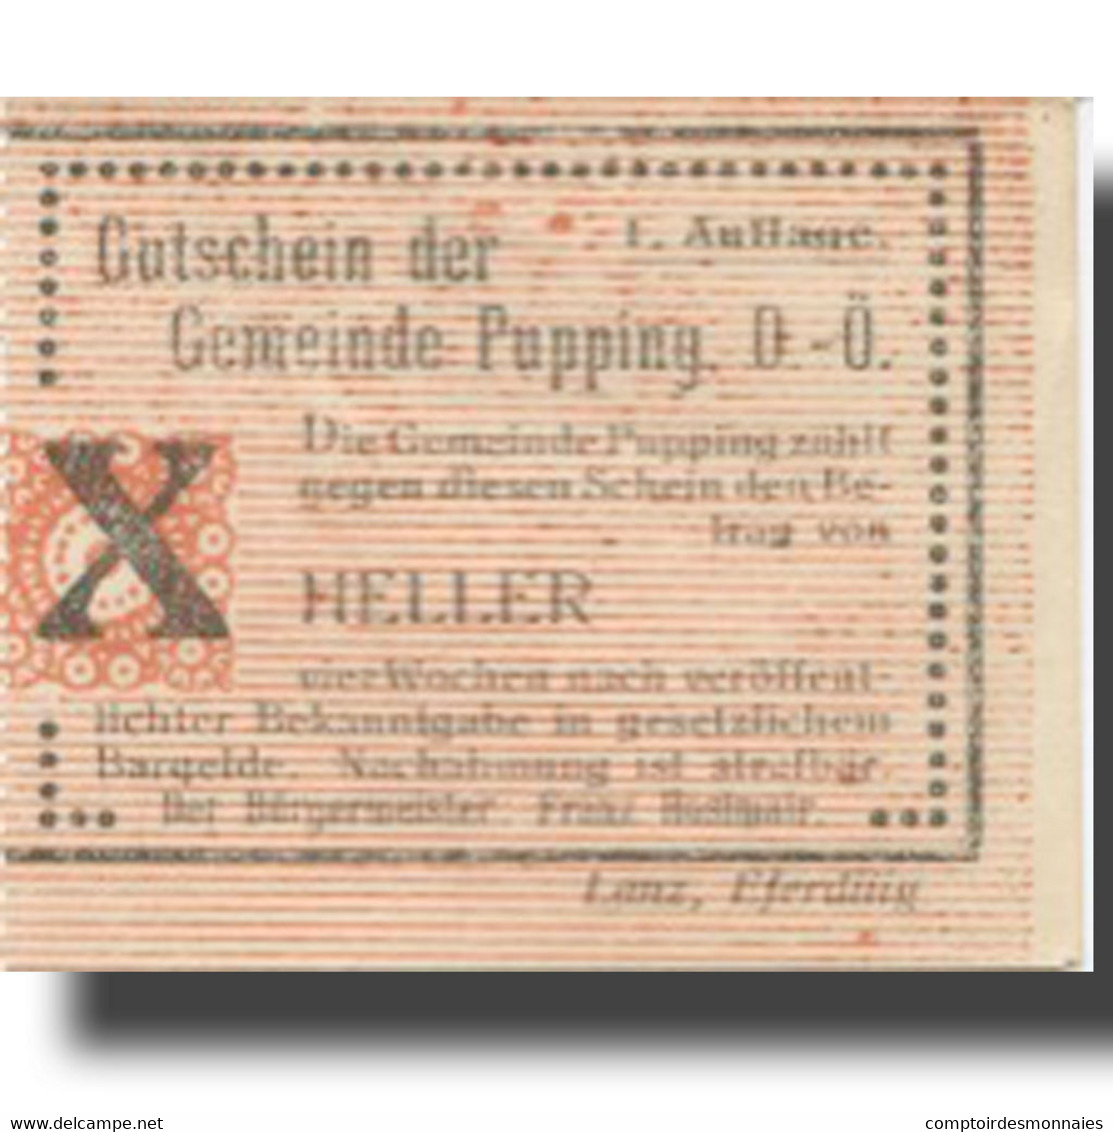 Billet, Autriche, Pupping, 10 Heller, Valeur Faciale, SPL, Mehl:FS 792Ia - Oesterreich